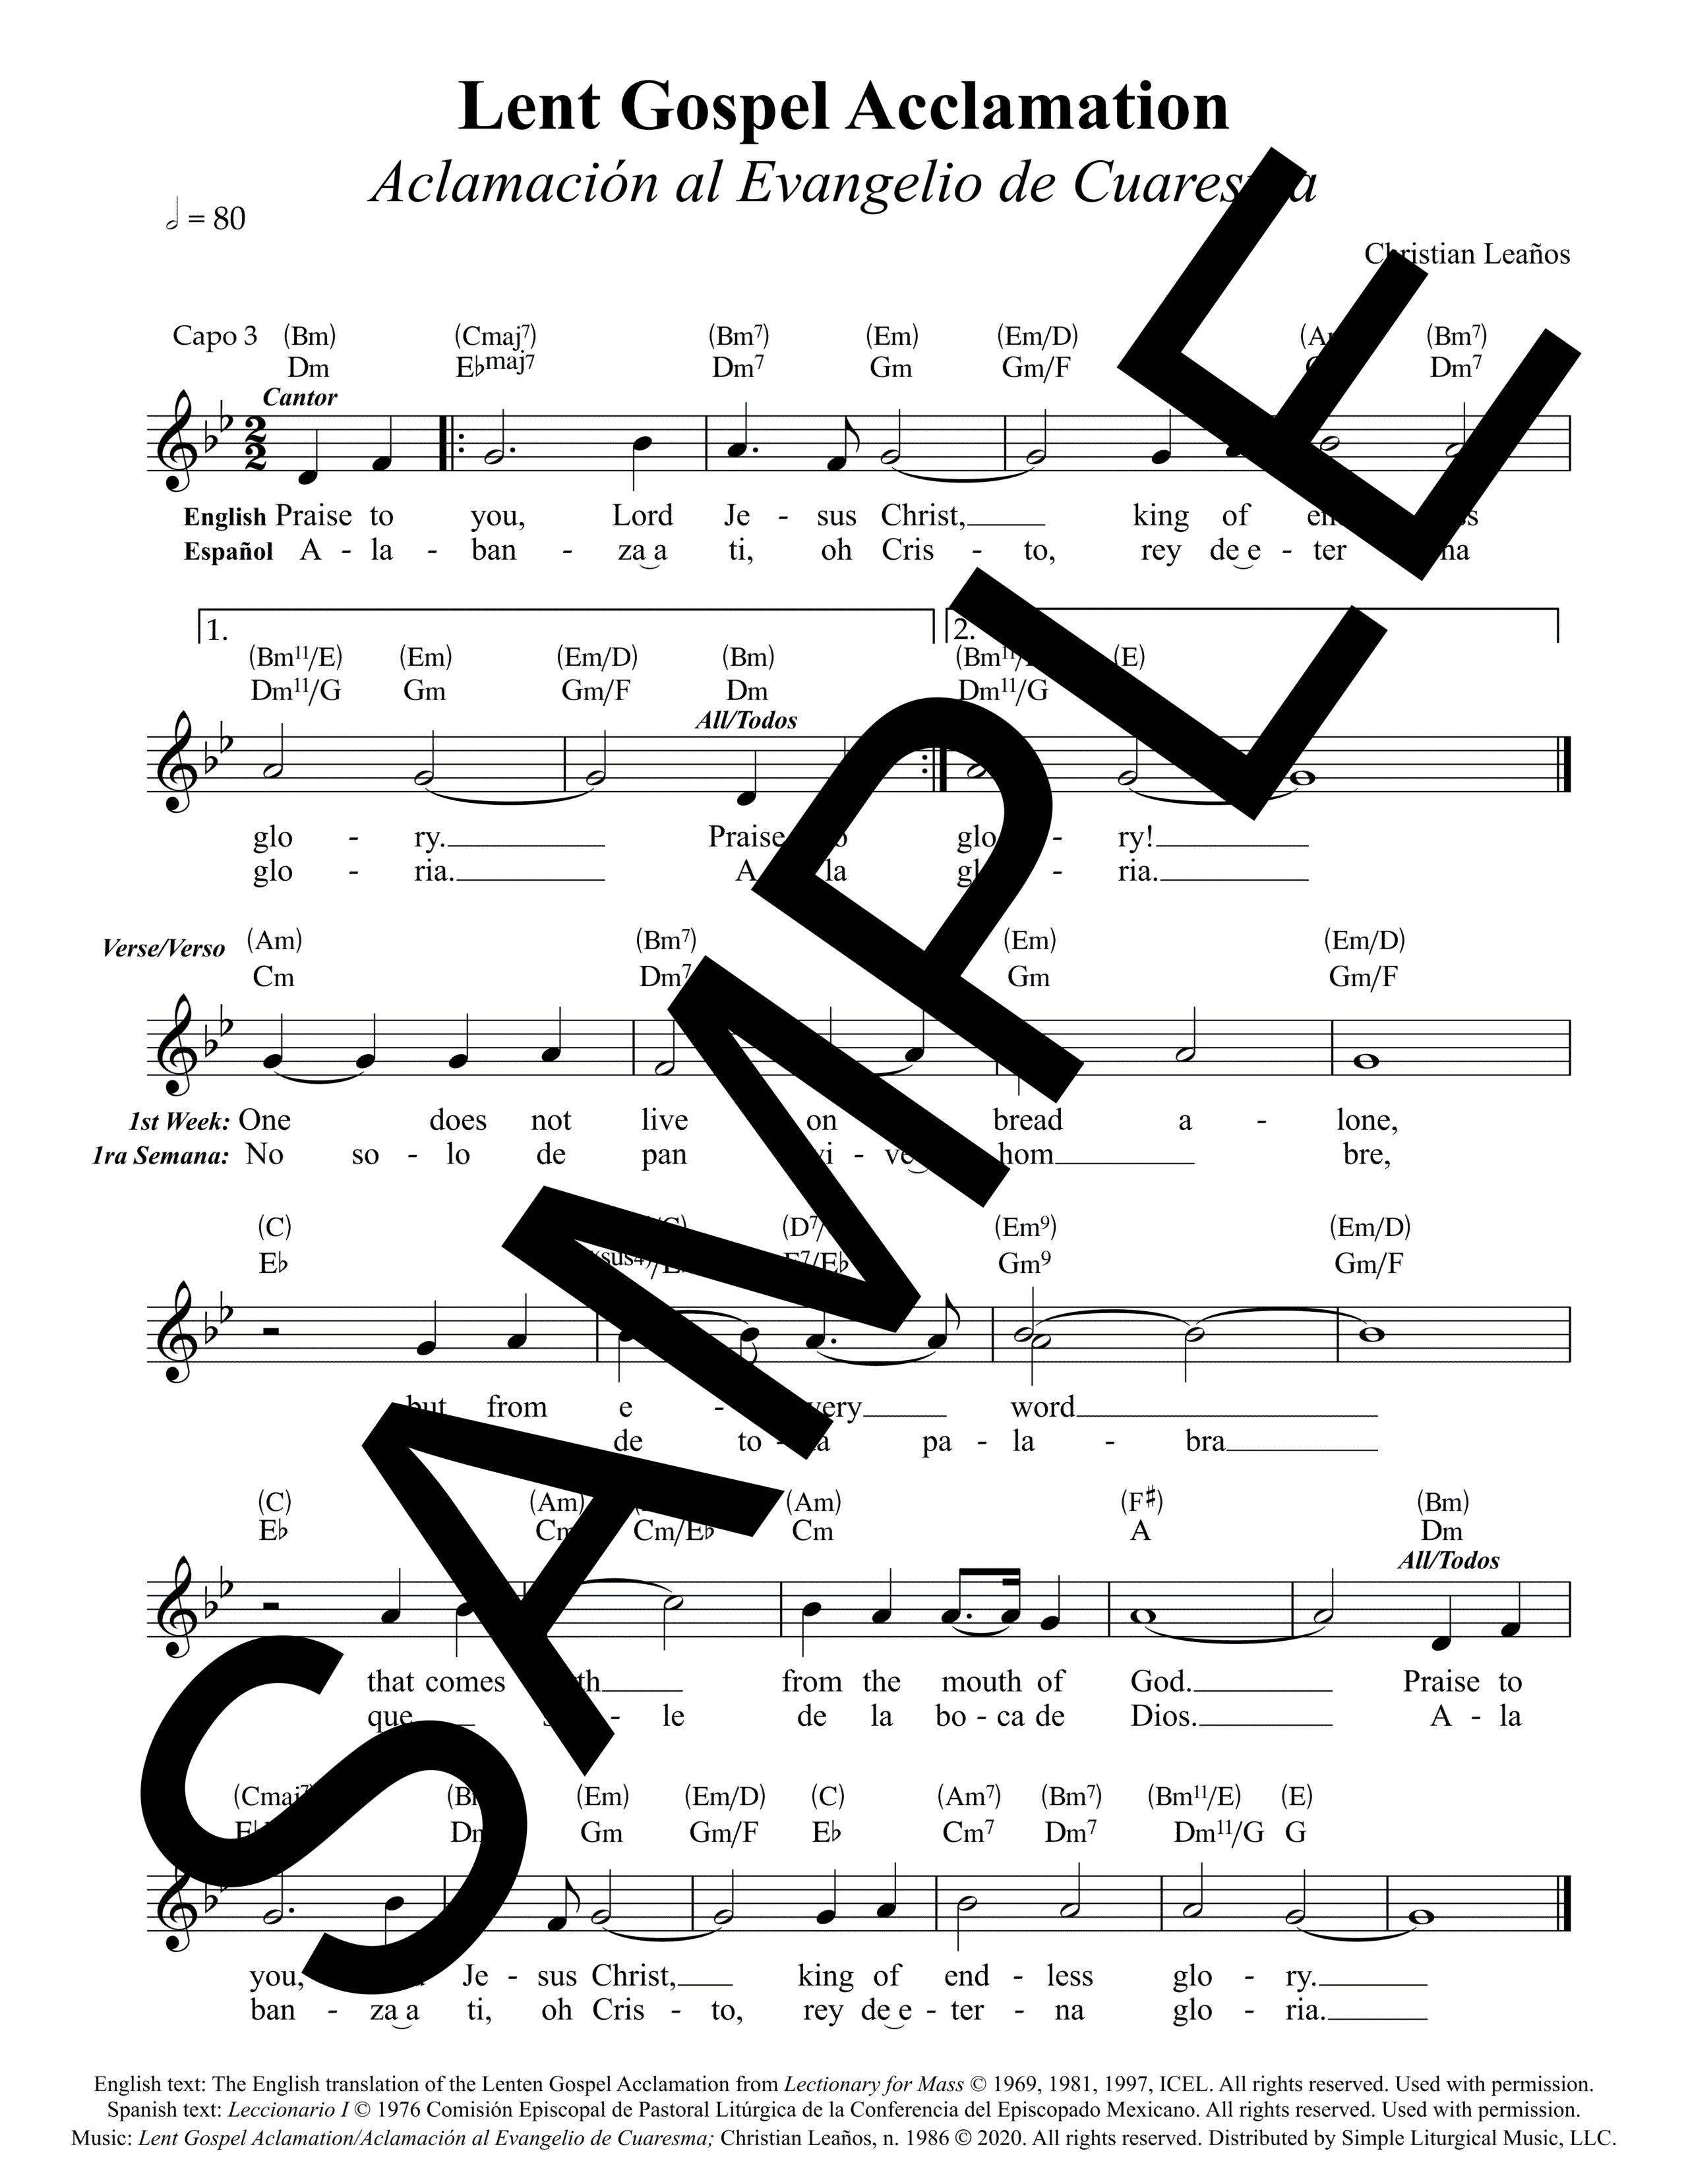 Lent Gospel Aclamation Aclamación al Evangelio de Cuaresma Leaños Sample Lead Sheet 1 png